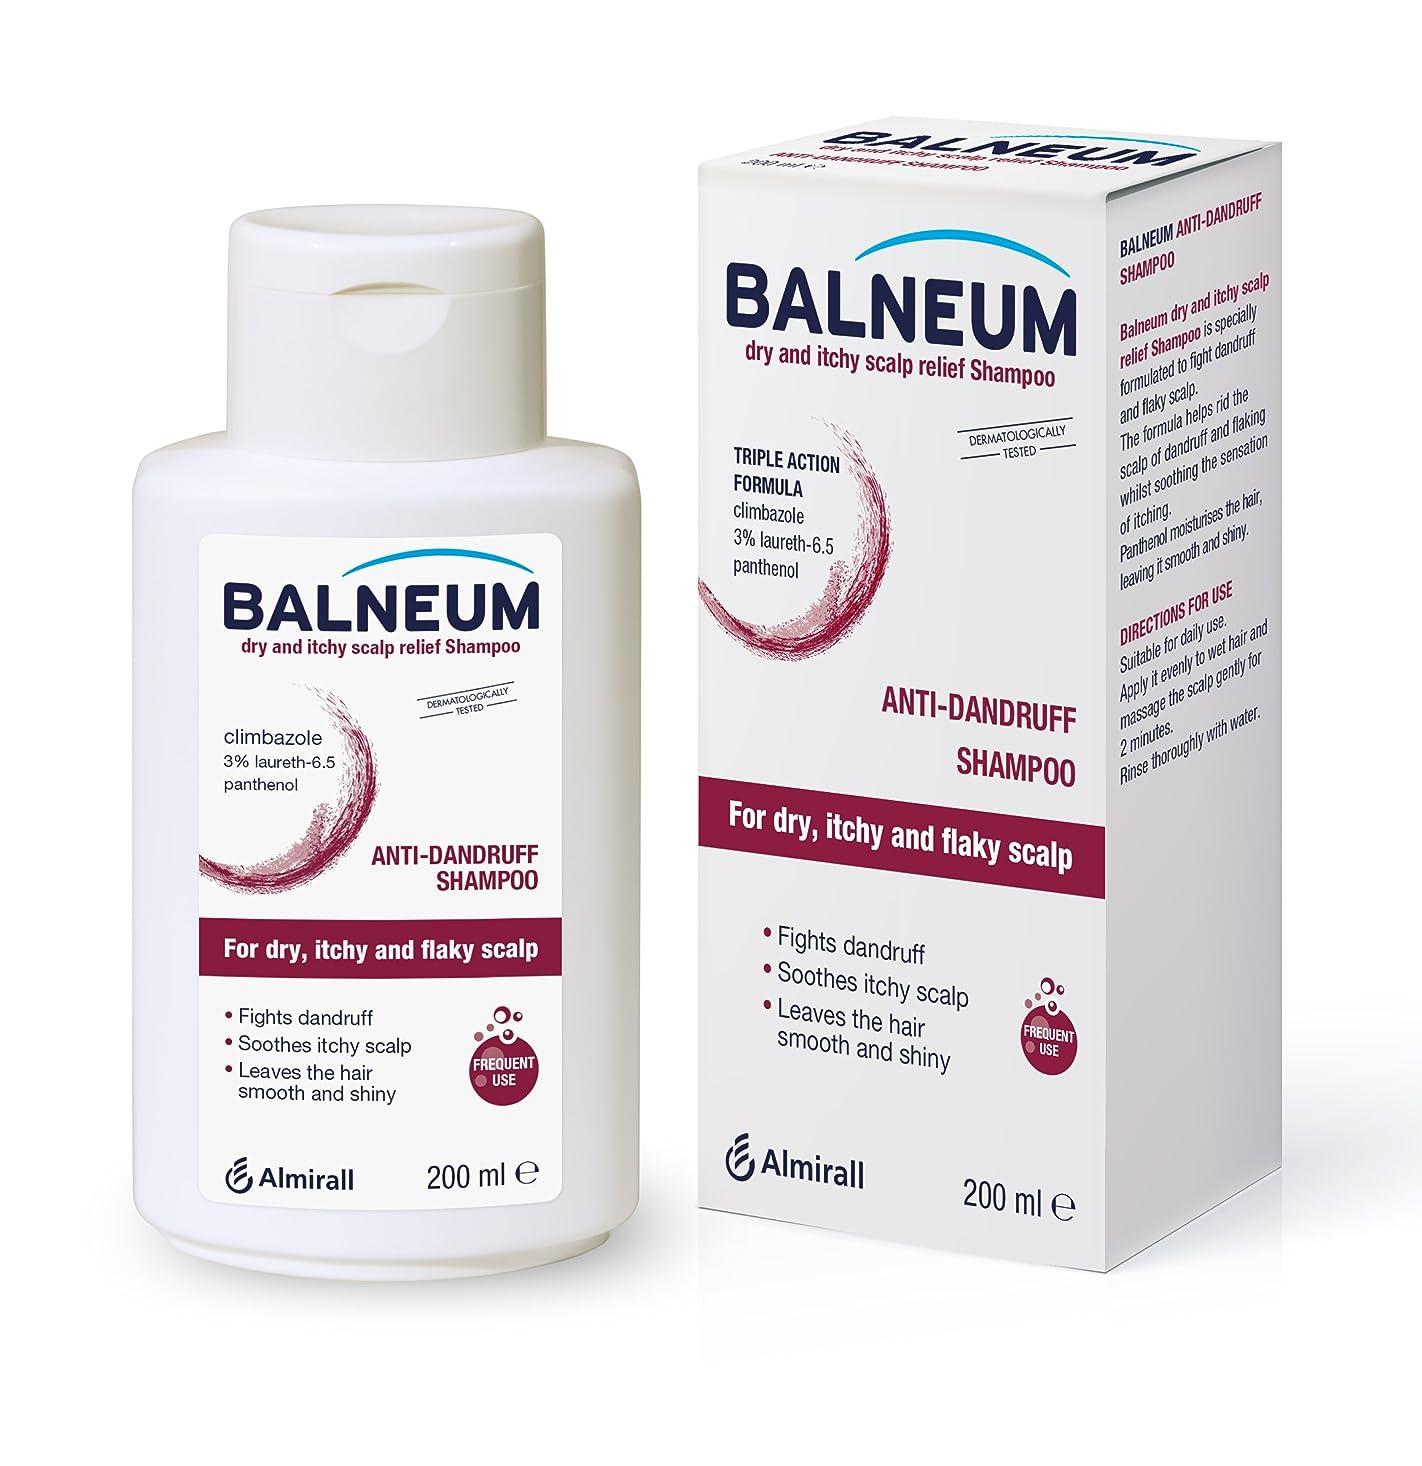 ぜいたく緑特派員Balneum Dry and itchyスカルプリリーフシャンプー、200 ml